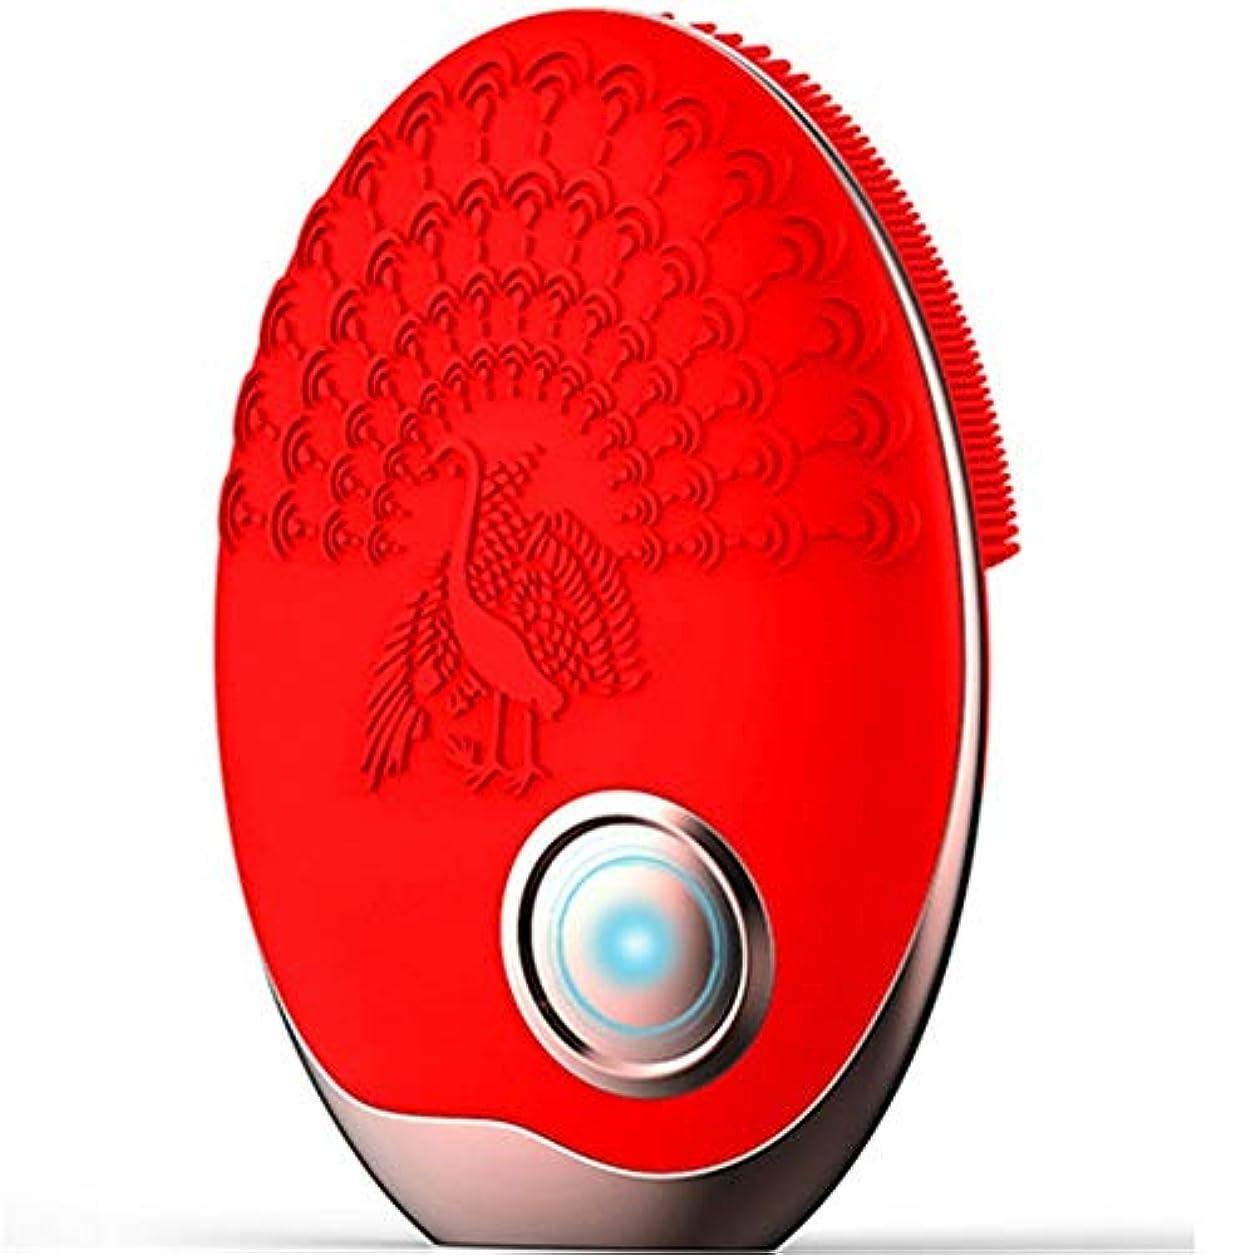 アレンジ同意水族館ZHILI 洗顔ブラシ、ワイヤレス充電クレンジング美容器具、電気掃除用ブラシ、超音波振動洗浄用ブラシ、シリコーン洗濯機 (Color : Red)